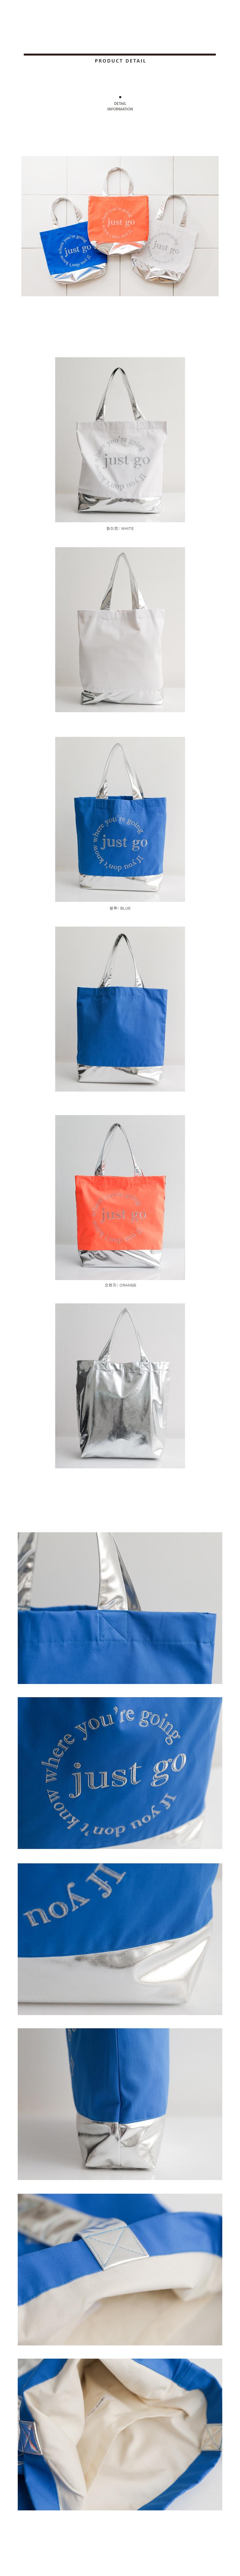 유노앨리스(UKNOW ALICE) coloration eco-bag